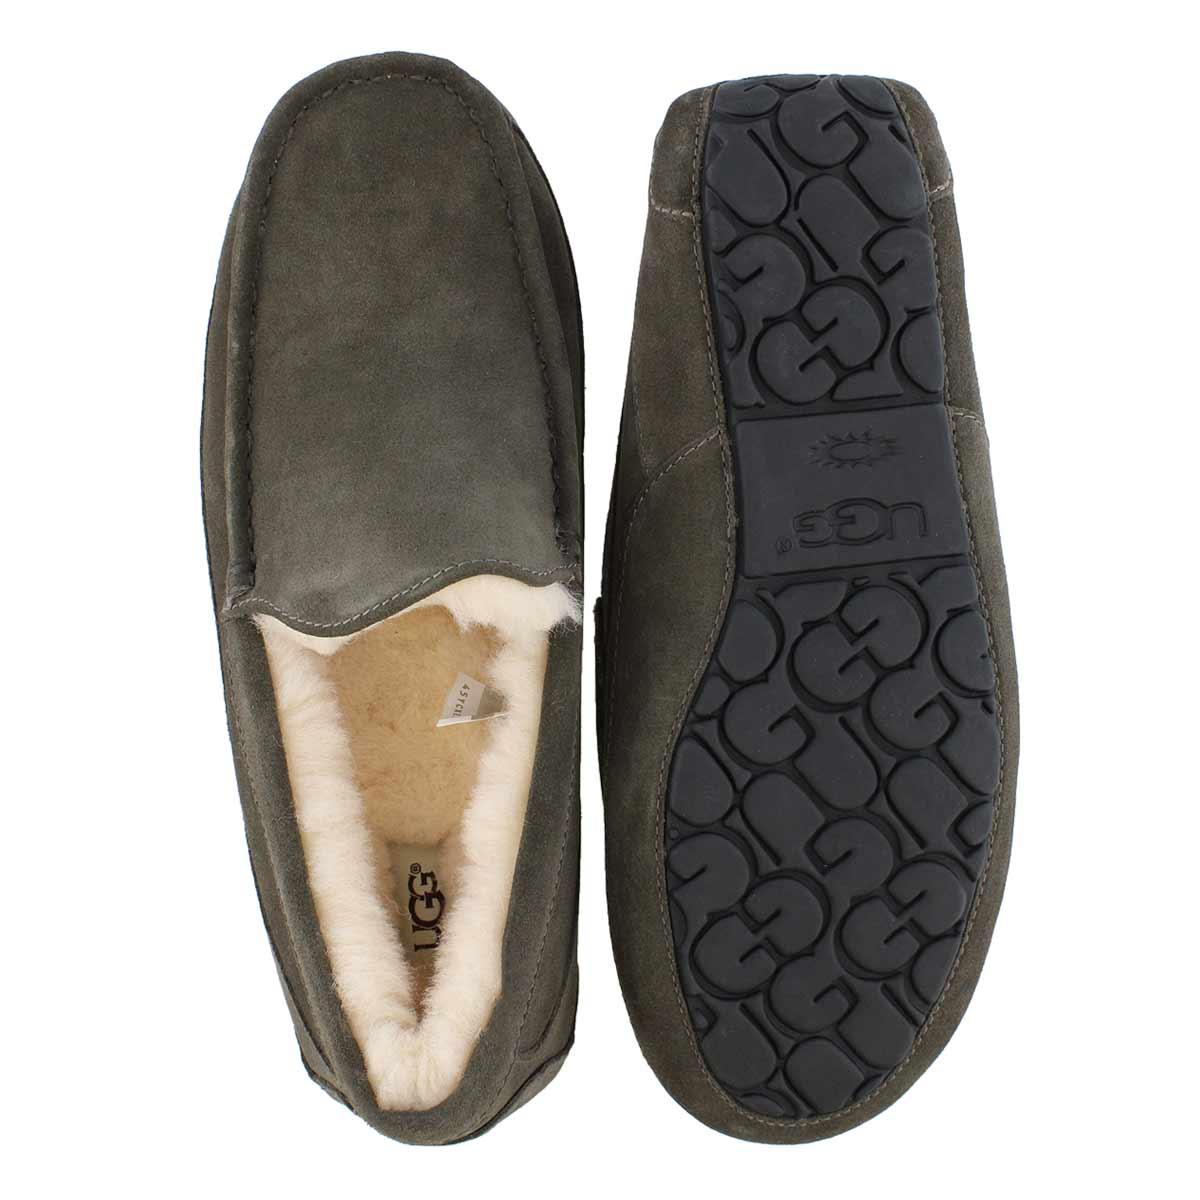 Mns Ascot charcoal sheepskin slipper